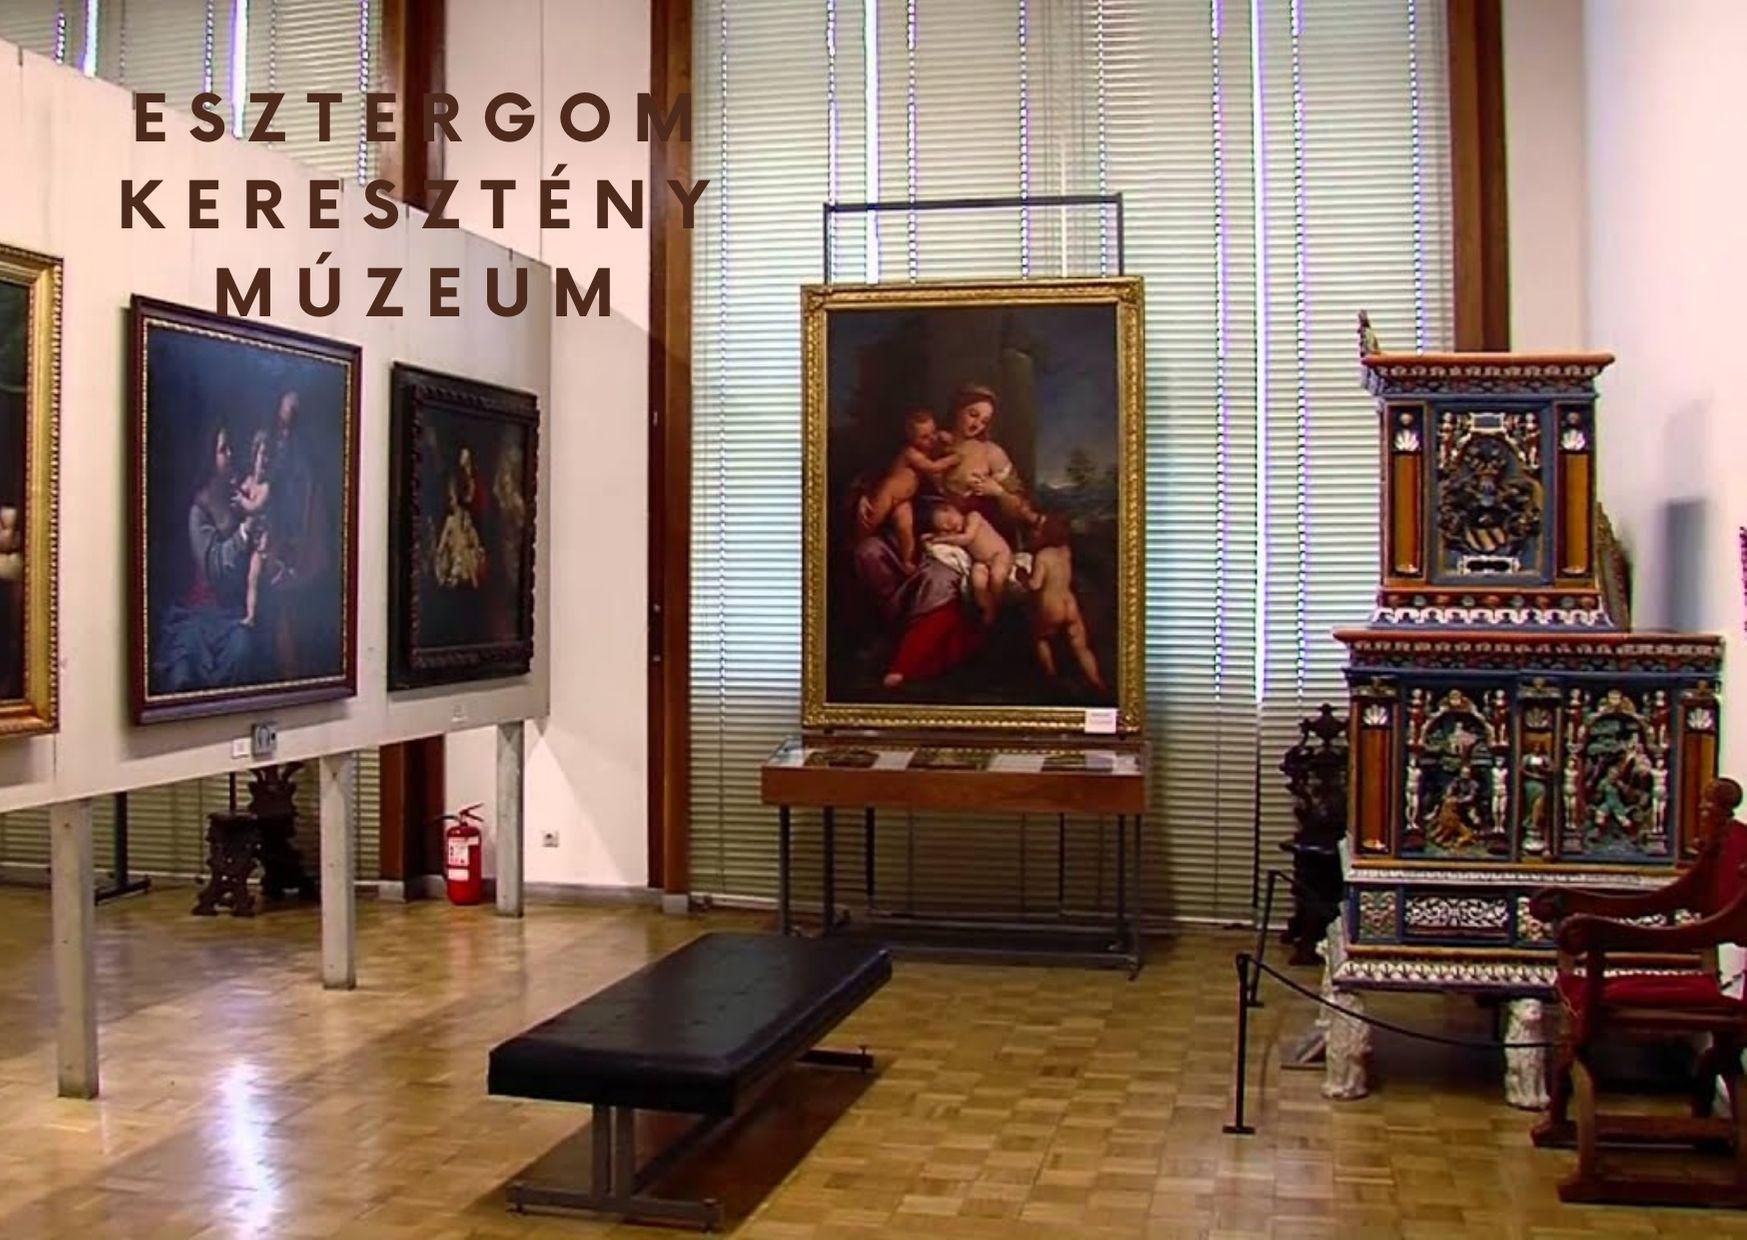 Esztergom Keresztény Múzeum.jpg